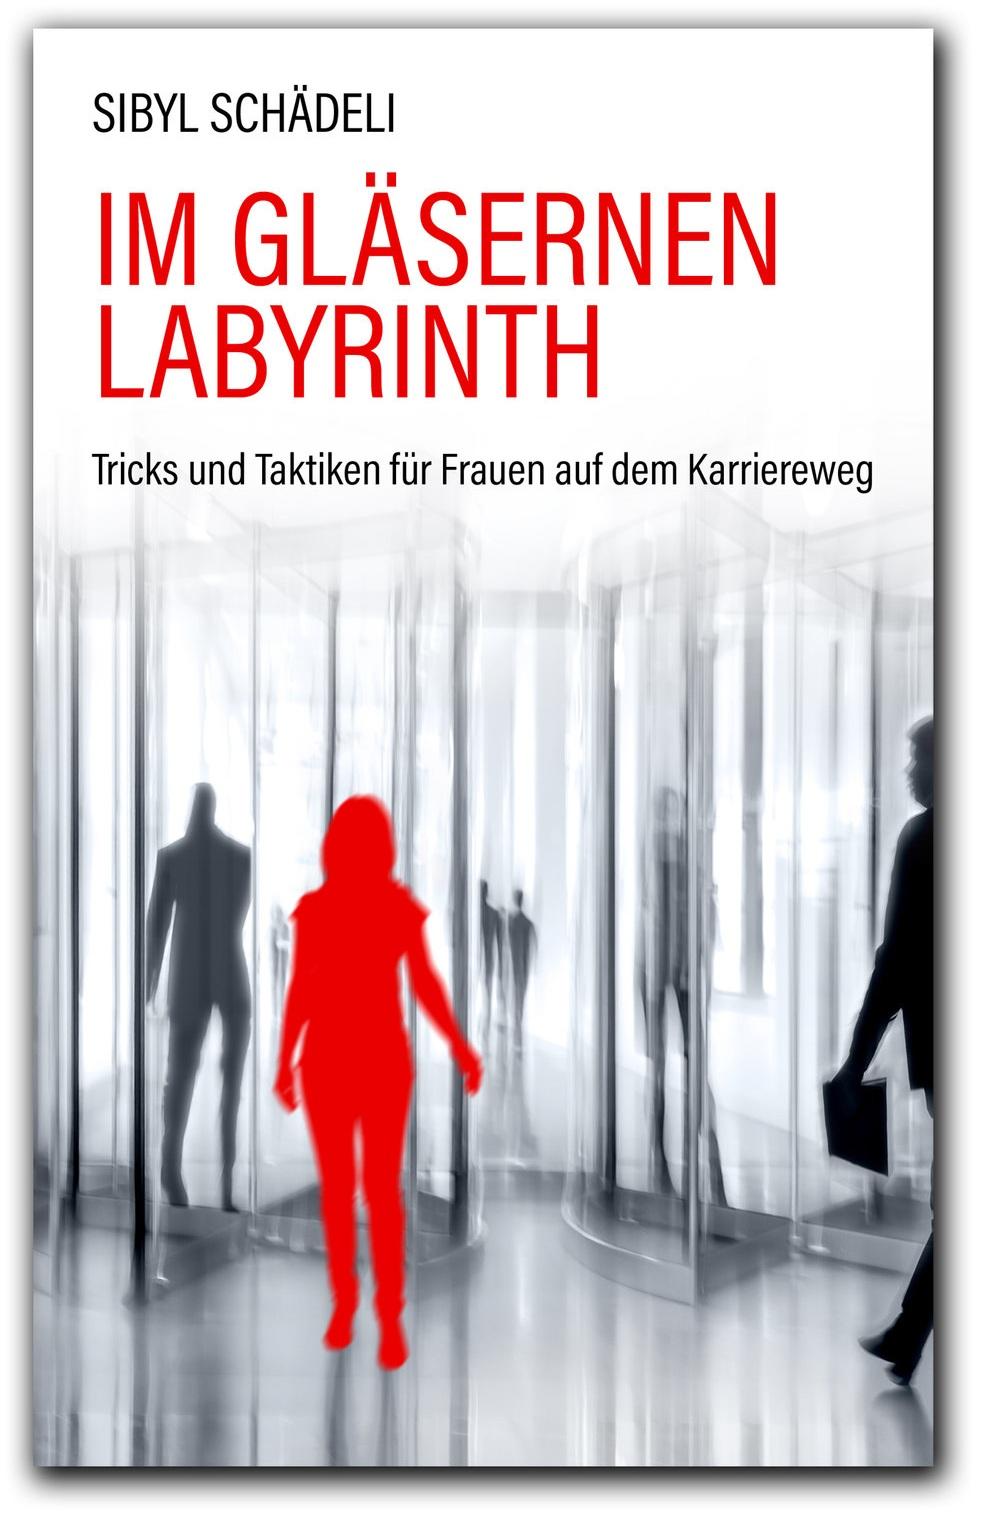 Im gläsernen Labyrinth - Sibyl Schädeli